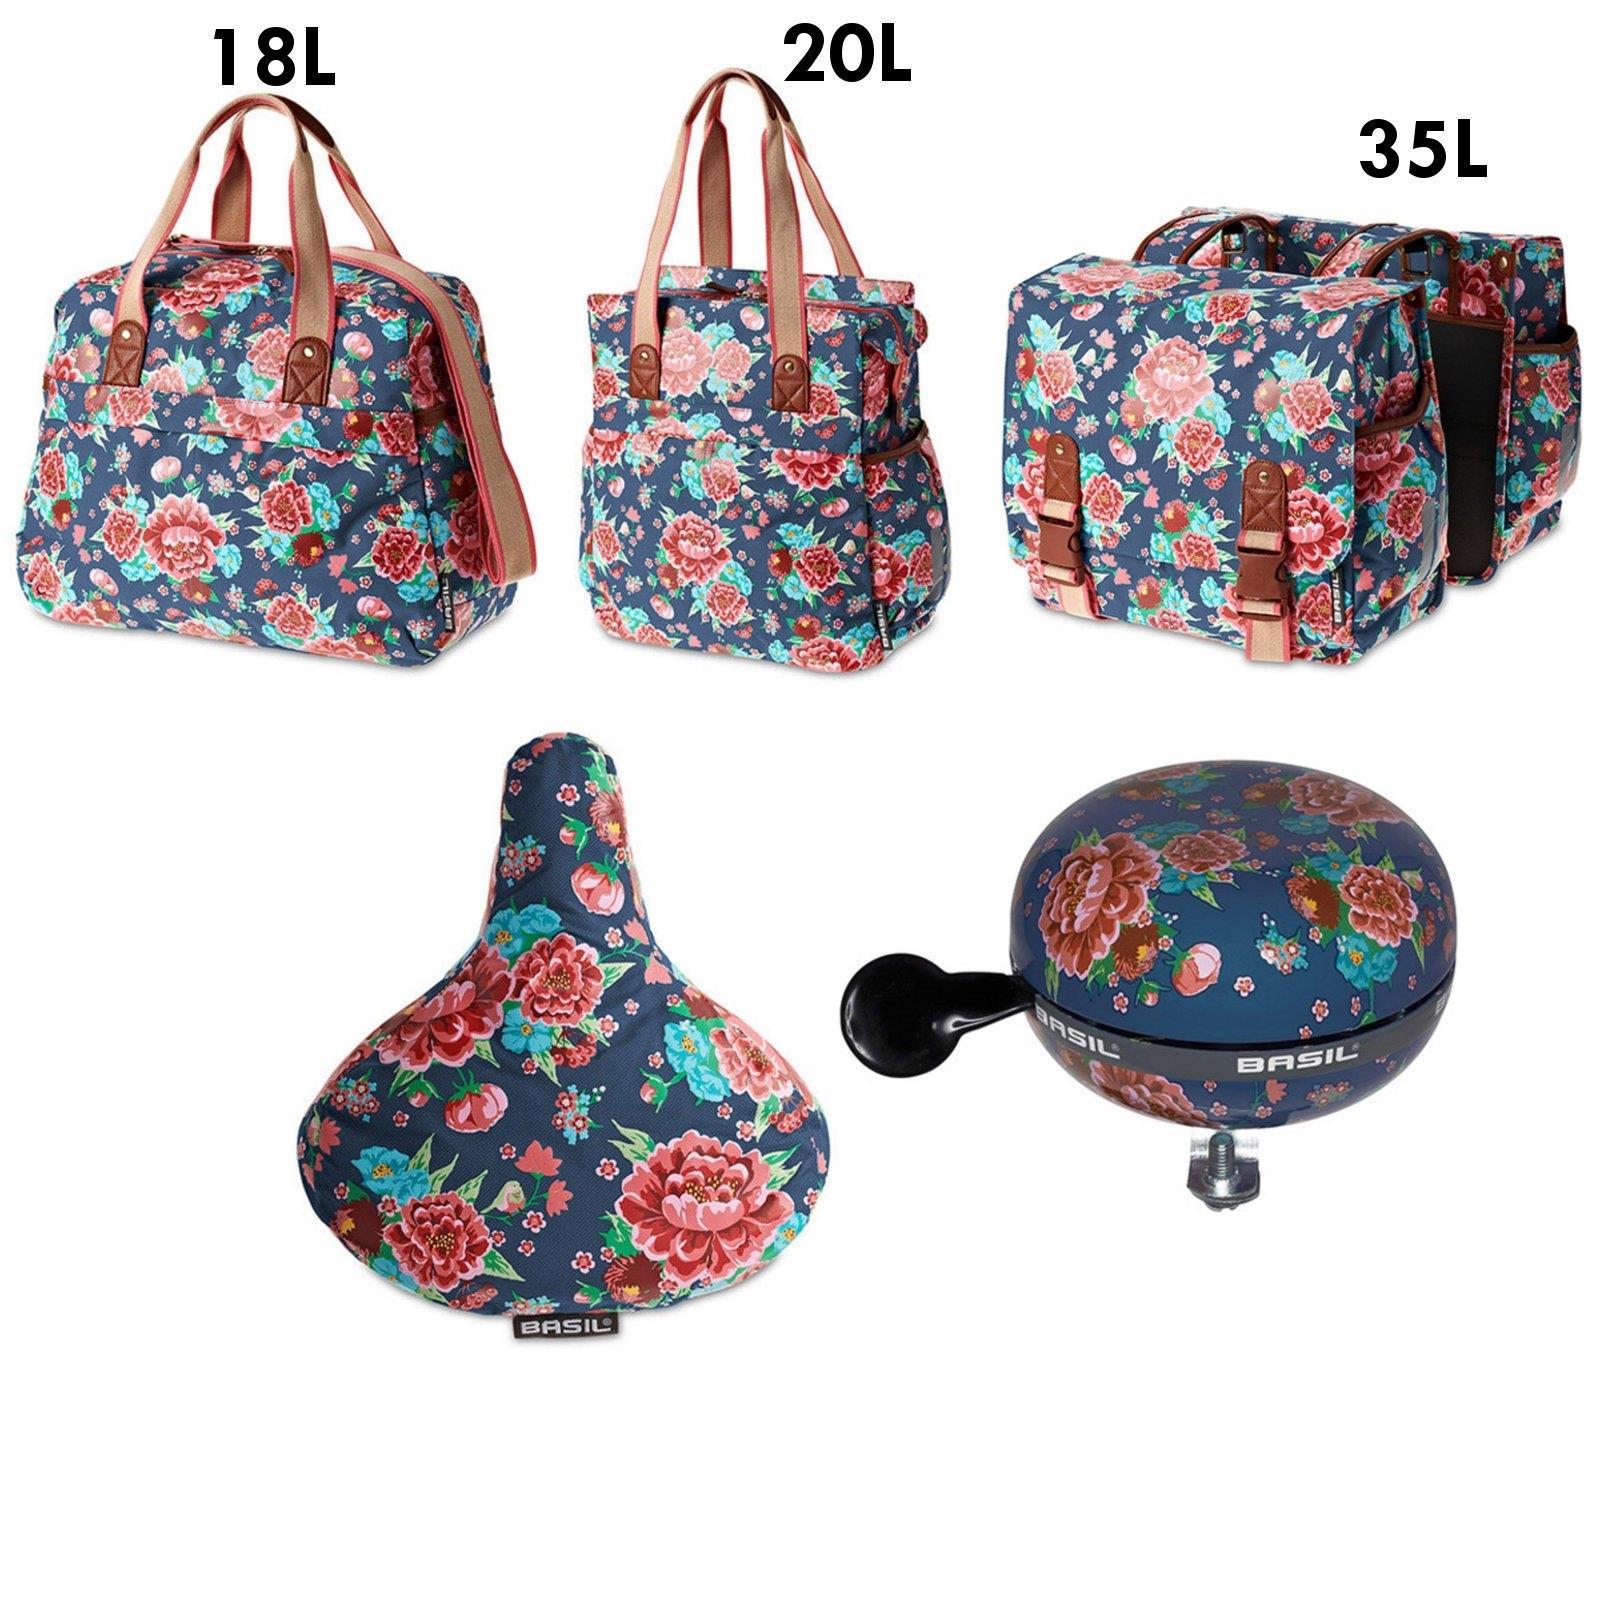 basil bloom set tragetasche handtasche klingel xxl ding dong bell fahrrad bag ebay. Black Bedroom Furniture Sets. Home Design Ideas